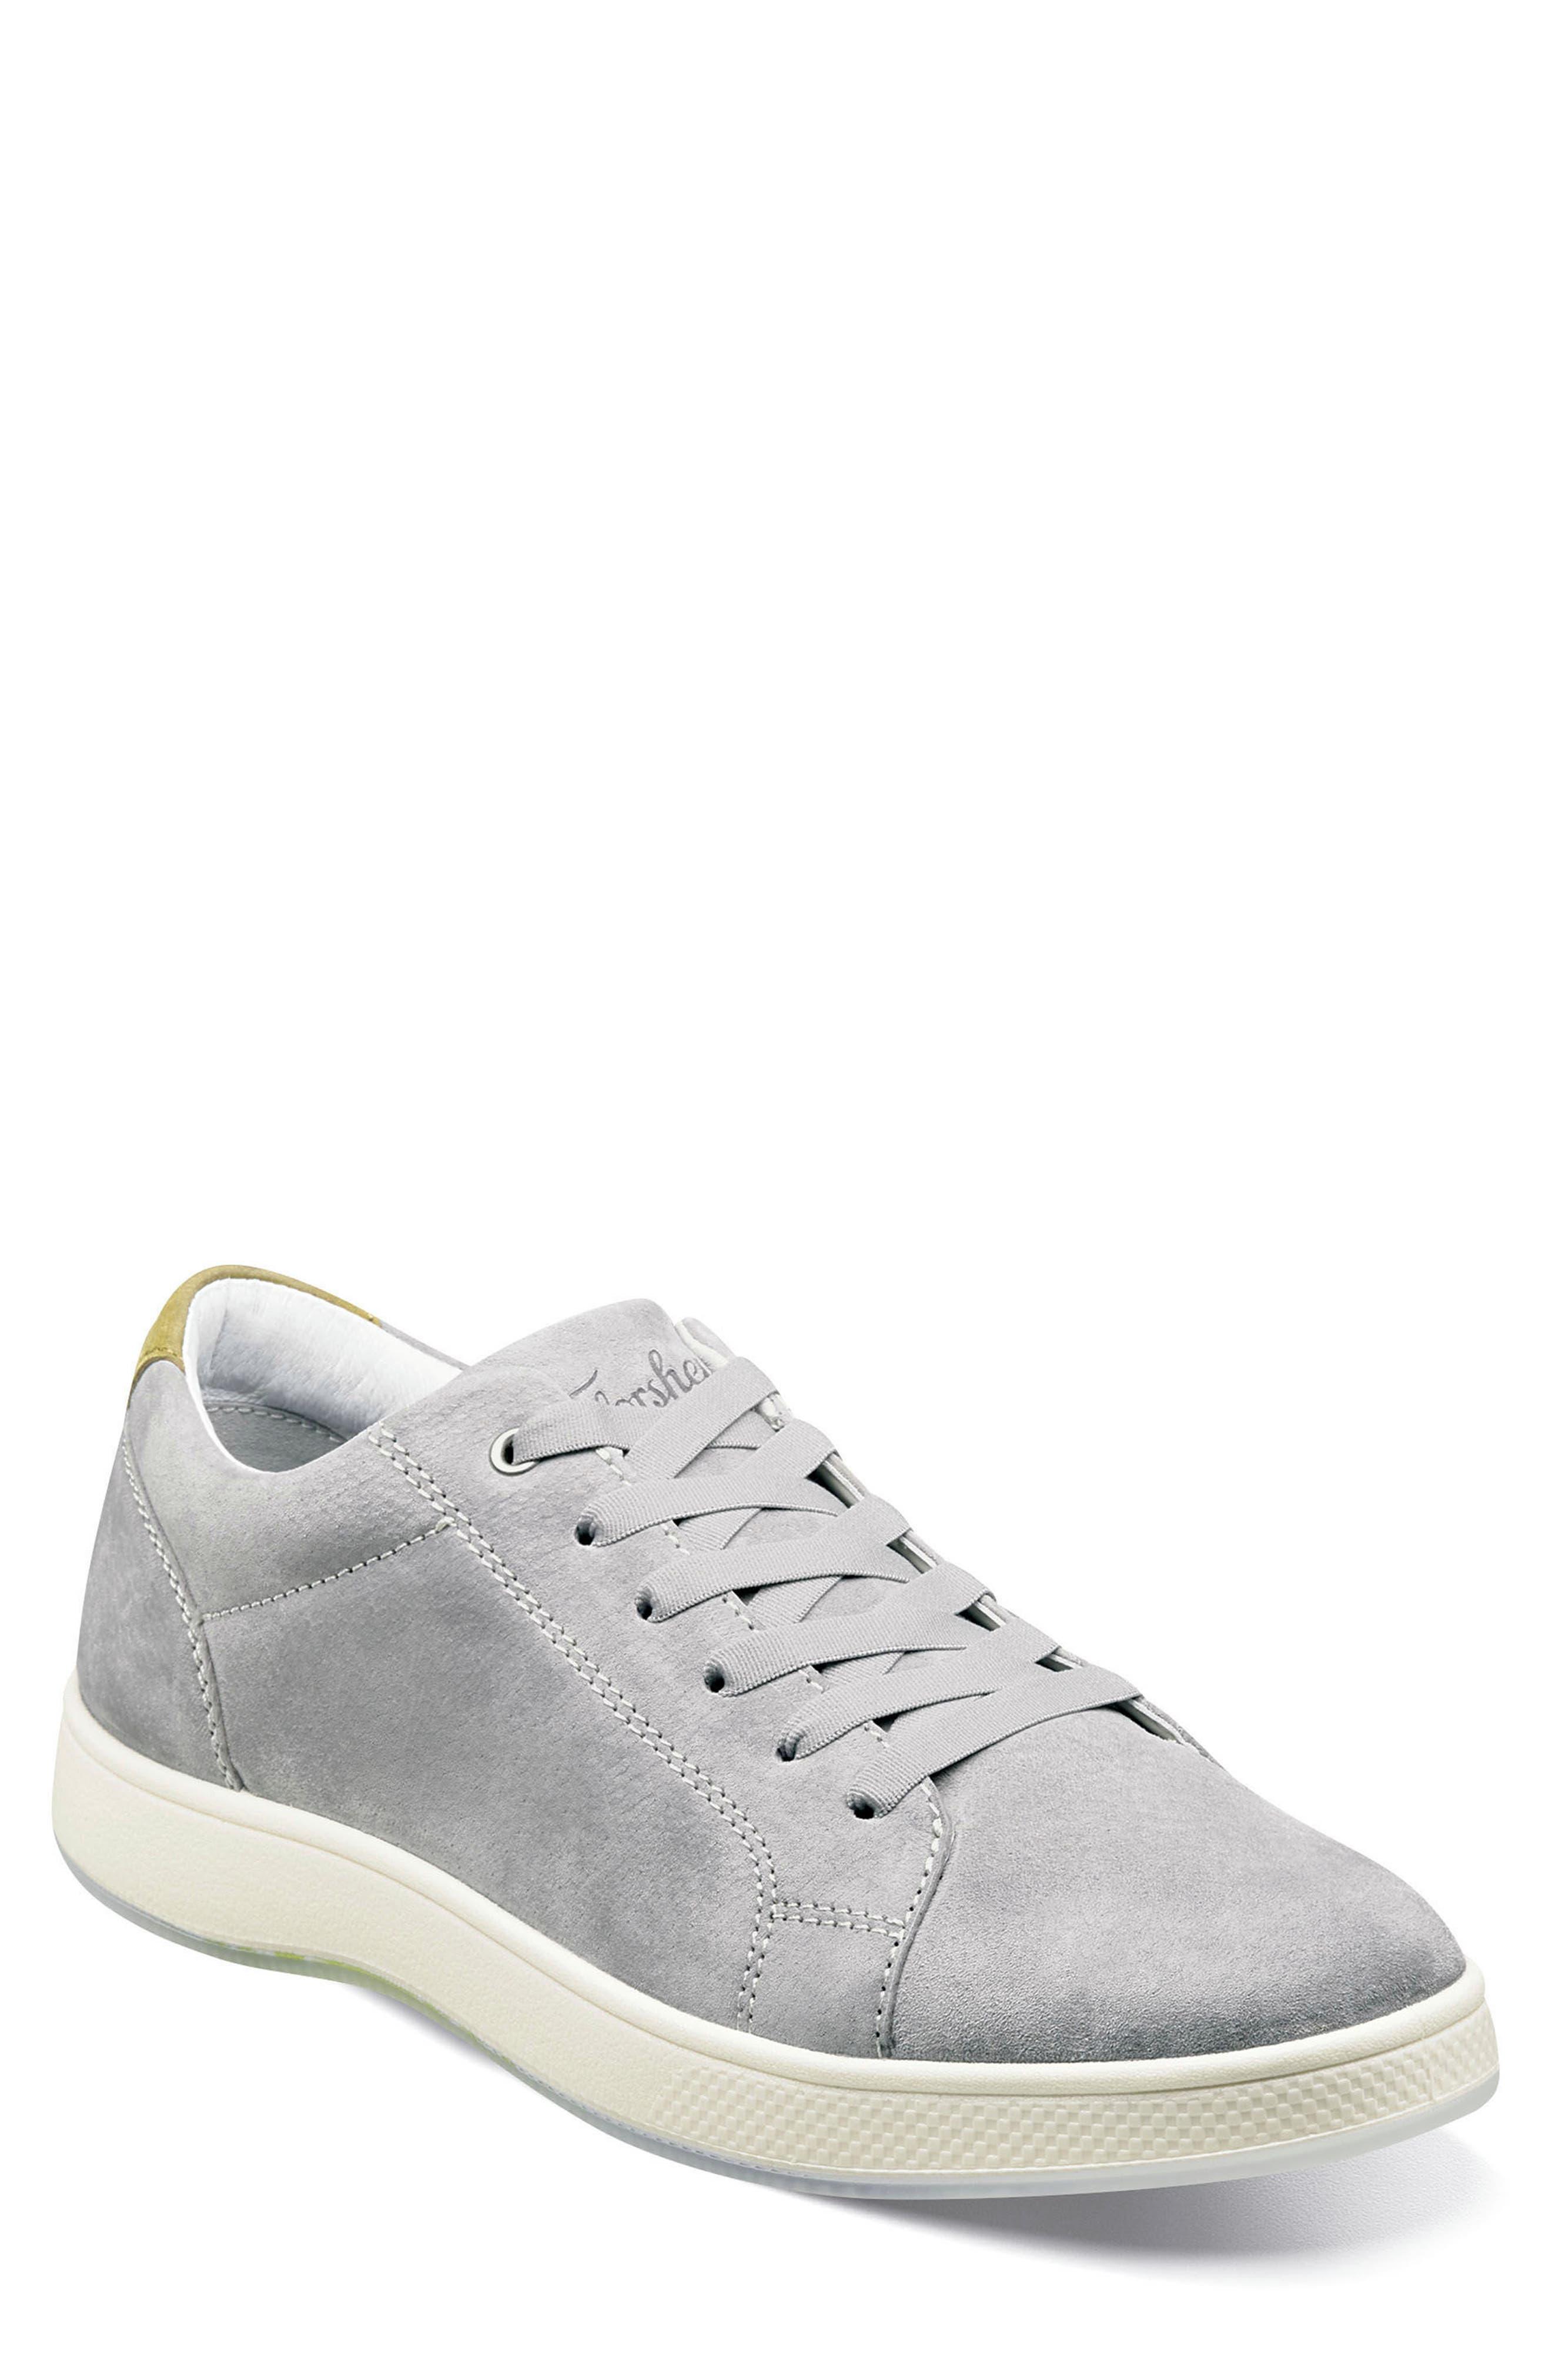 Florsheim Edge Low Top Sneaker (Men)